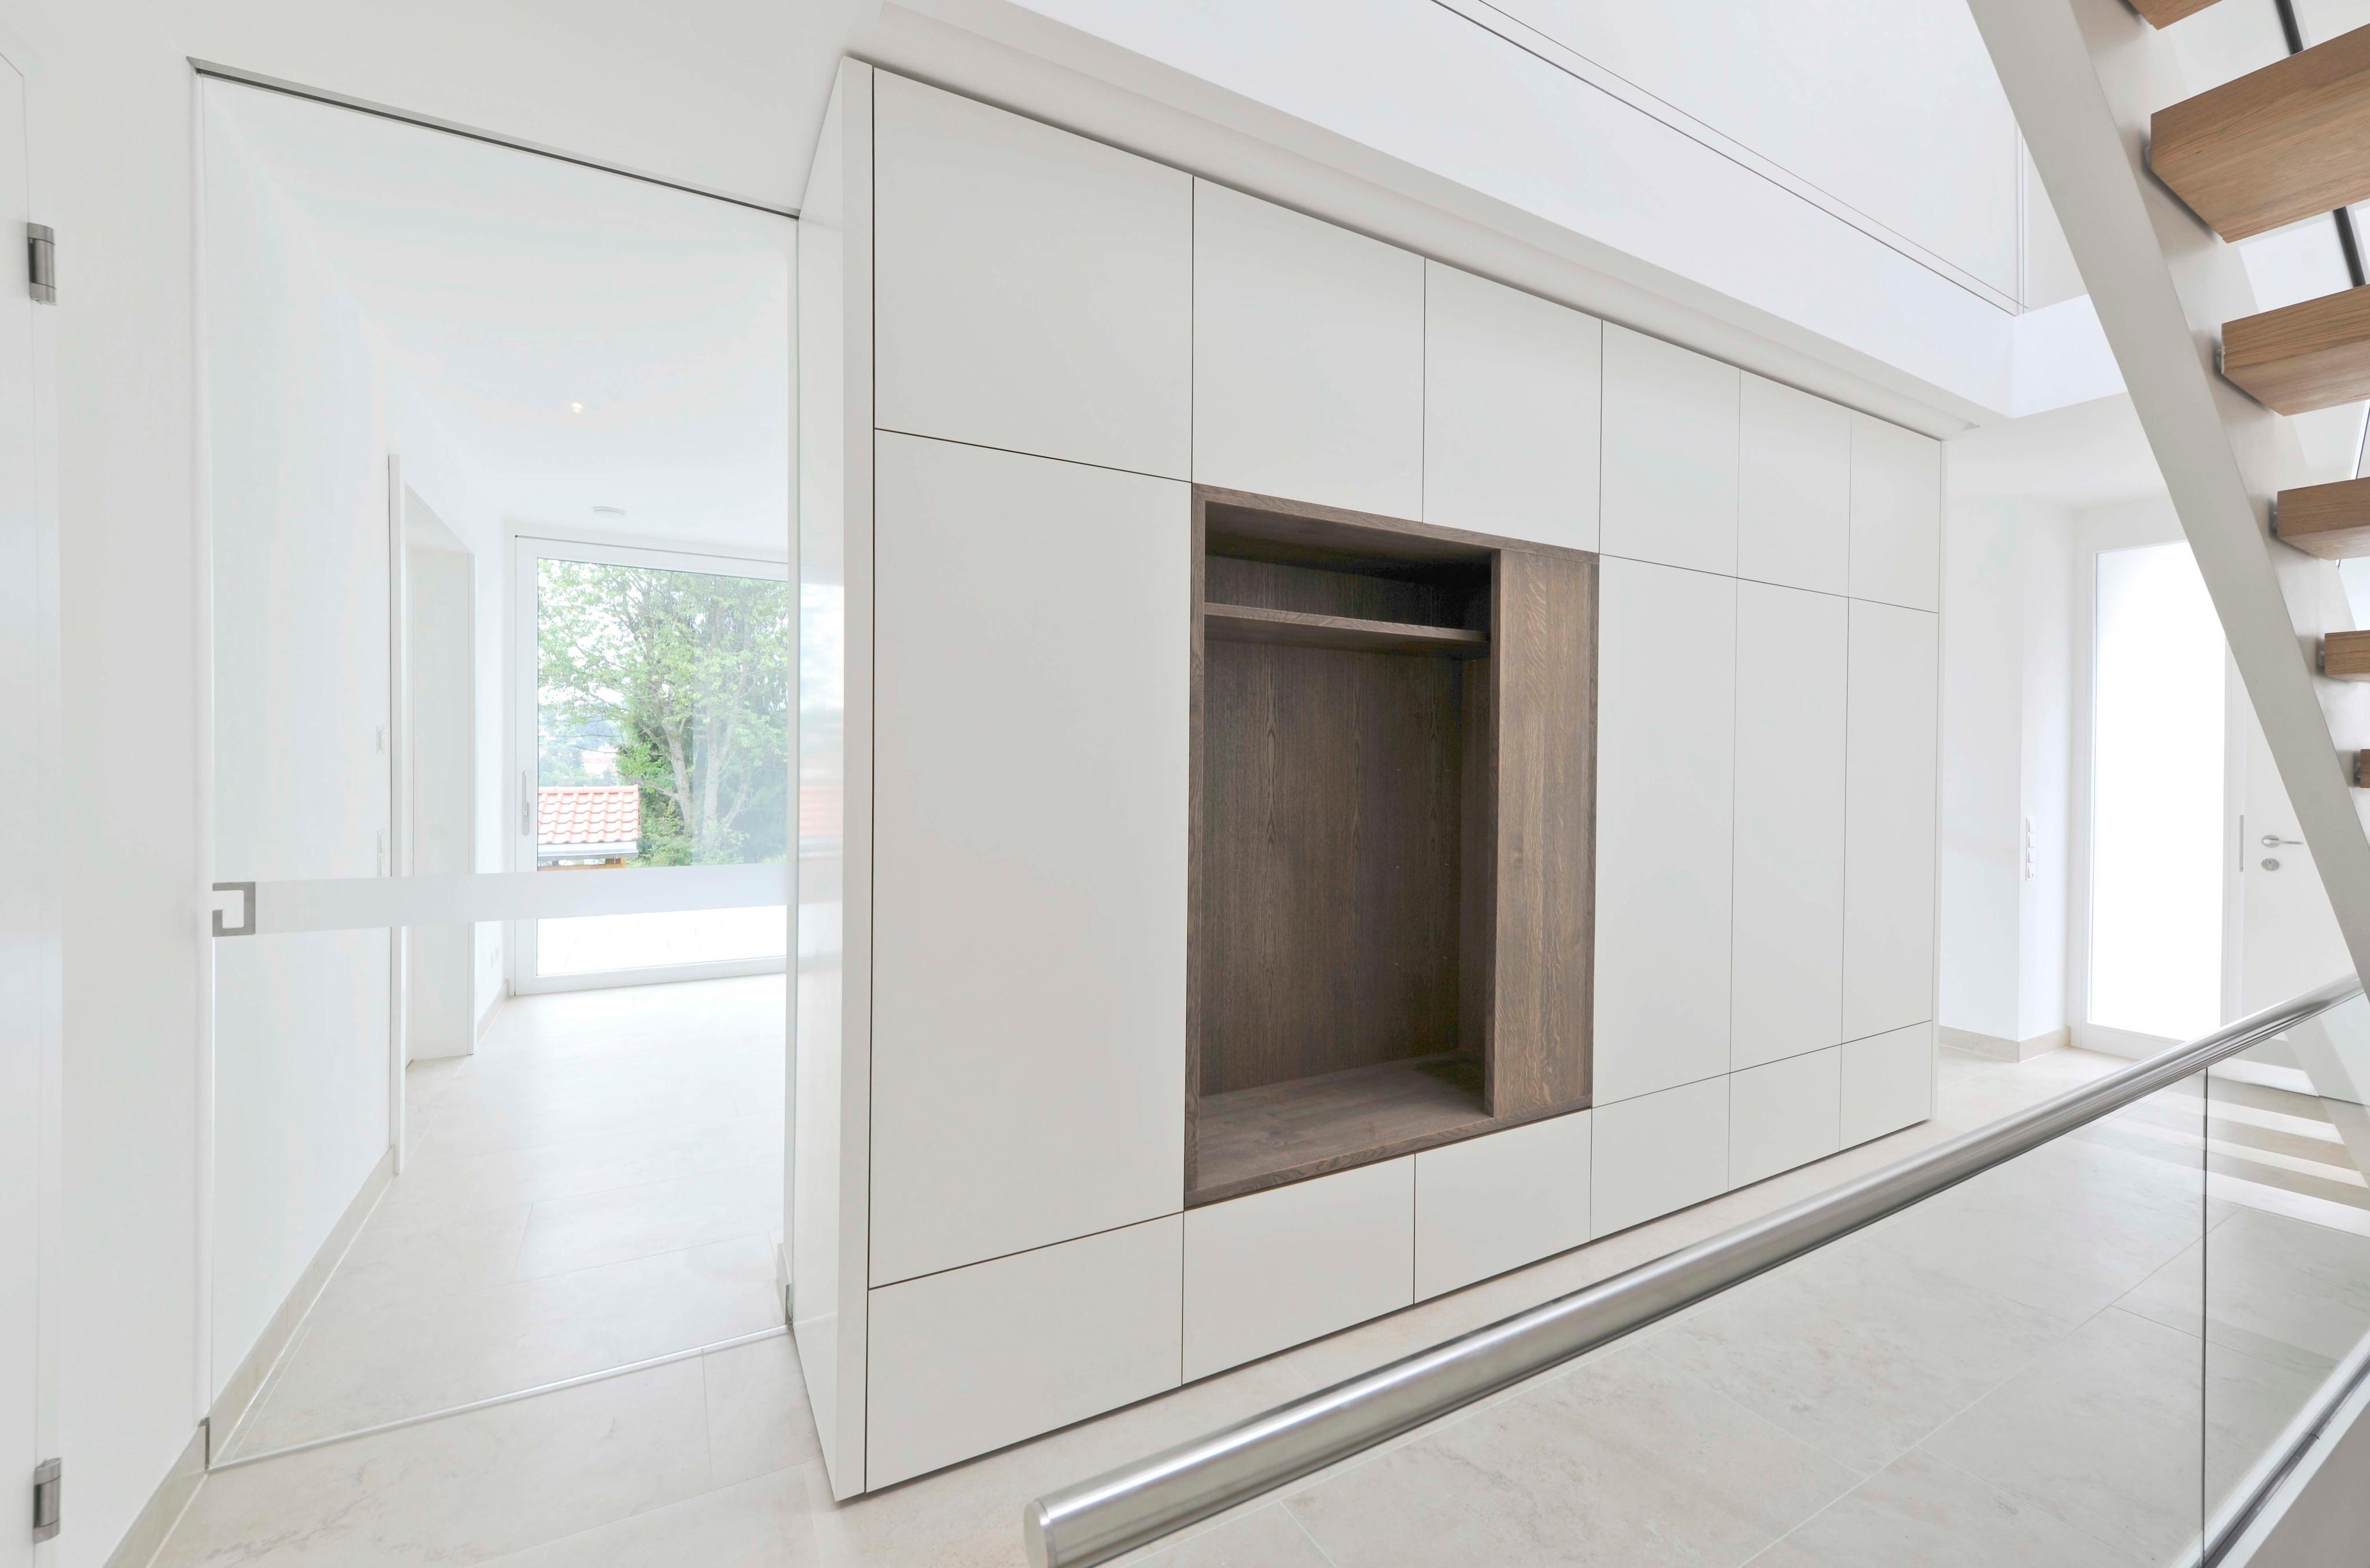 geweih garderobe bilder ideen couch. Black Bedroom Furniture Sets. Home Design Ideas